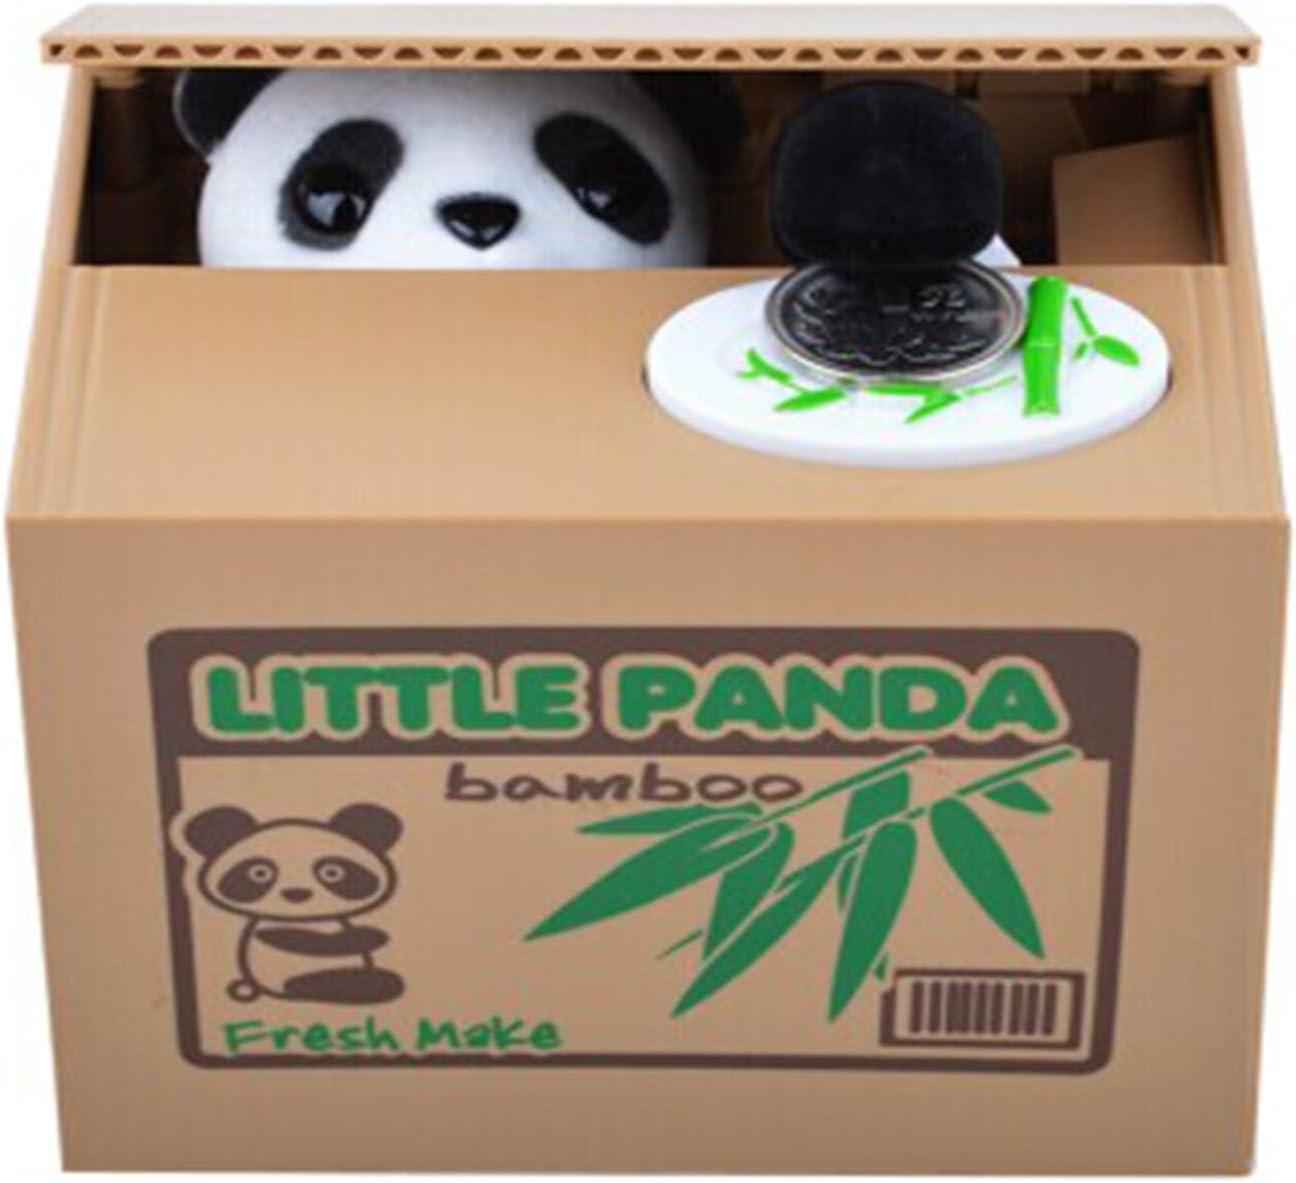 【UNTIL YOU】Juguete Robar Dinero Hucha con Sonido Gato Coger Moneda del Tablero Divertido Juguete de los Niños Regalo Original y Fantástico Divertido Infantil Electronica Coger Dinero ( Panda )